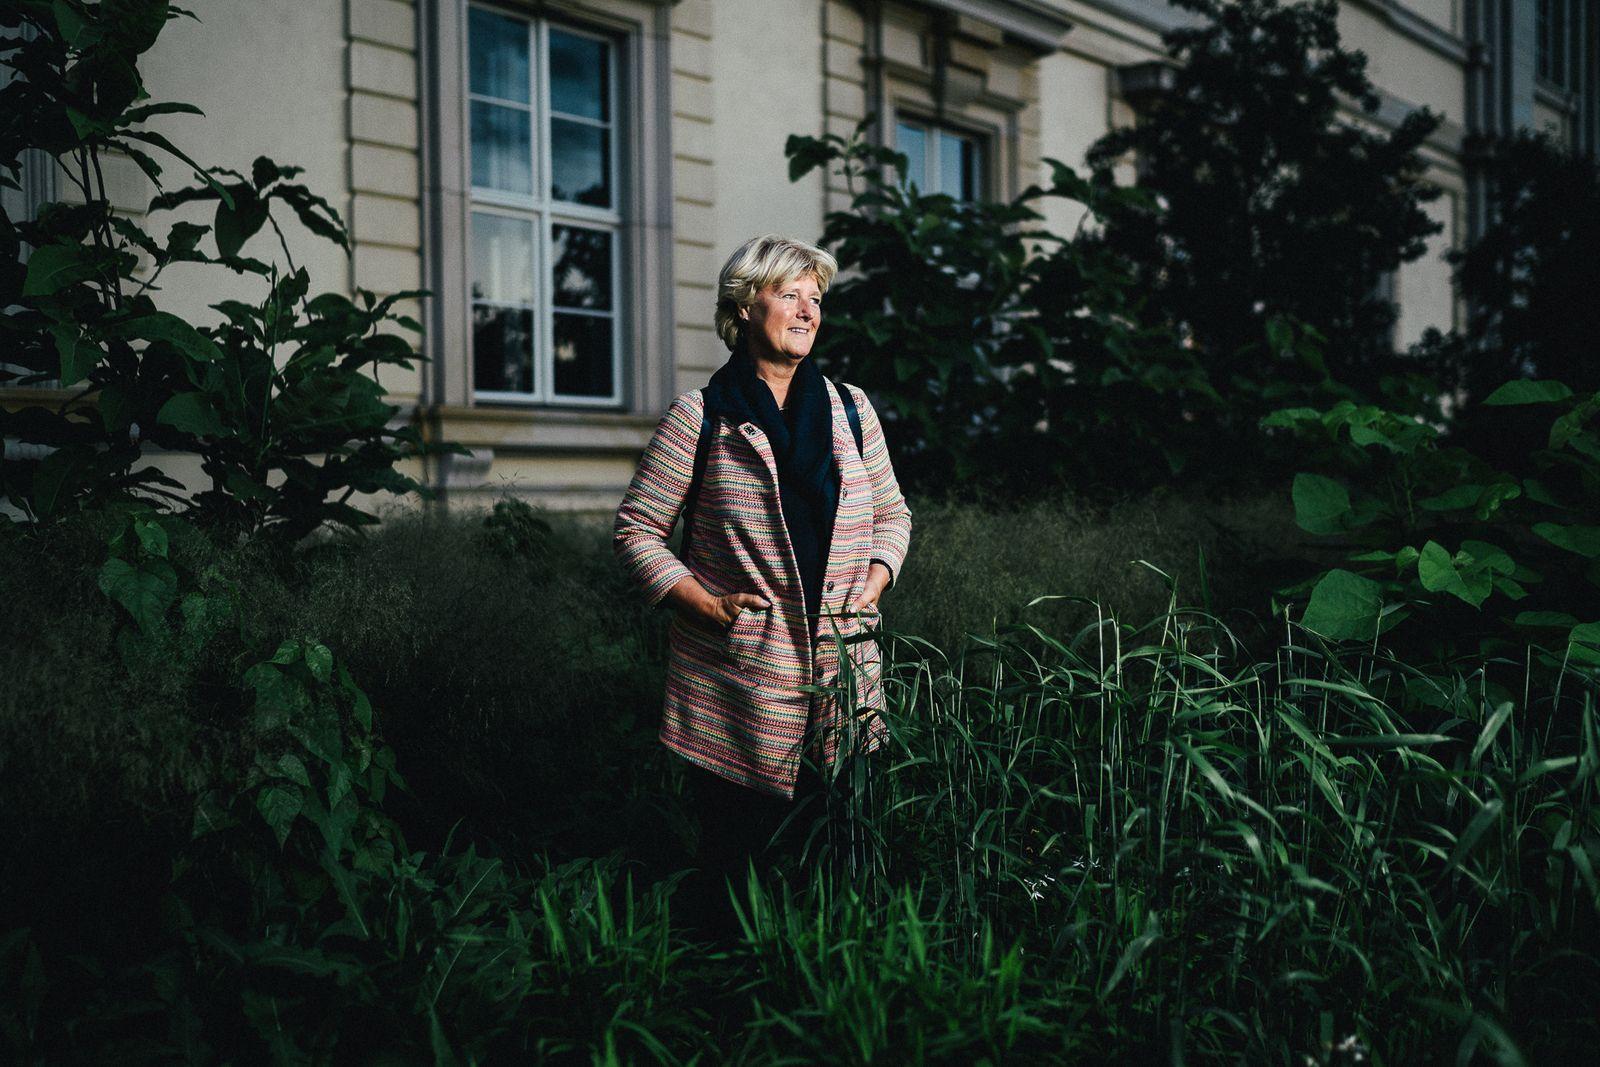 Monika Grütters, Politikerin und MdB, Beauftragte der Bundesregierung für Kultur und Medien, fotografiert auf einem Interview-Spaziergang in Berlin Mitte